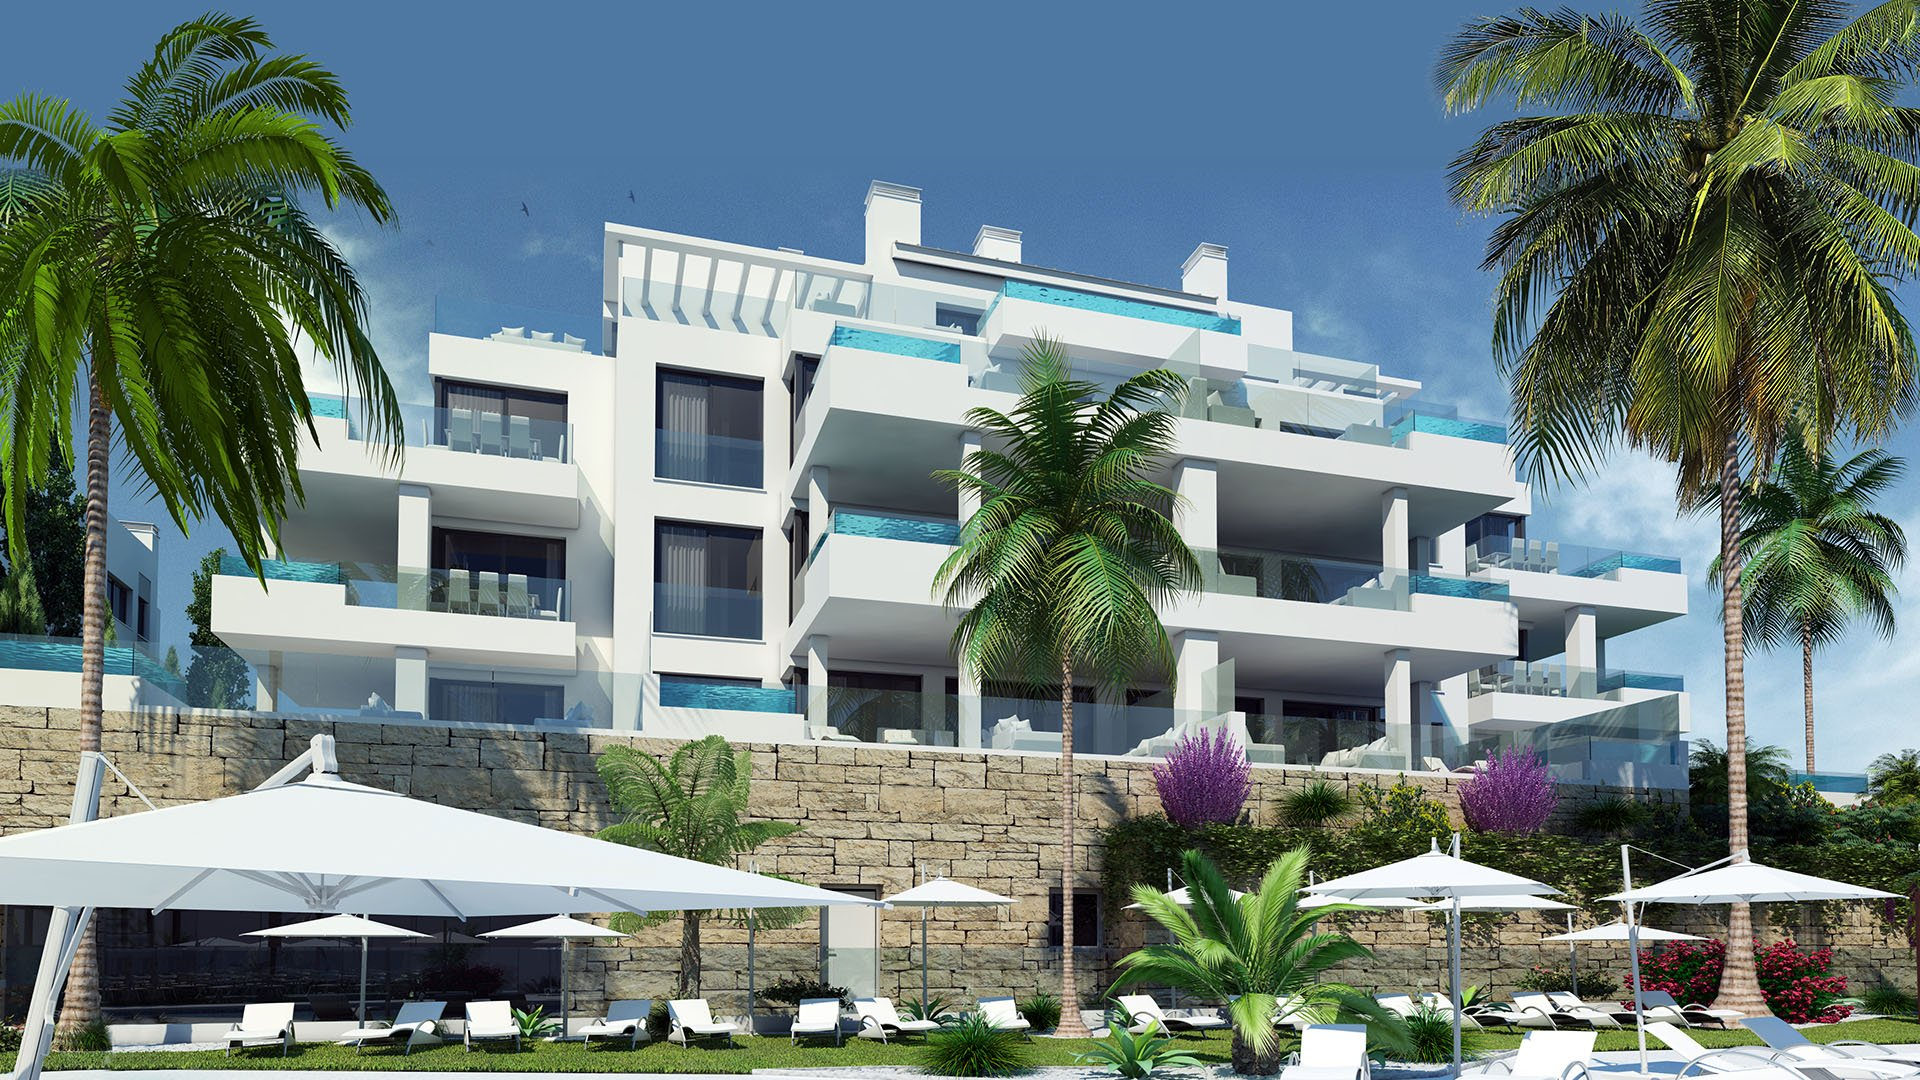 Santa Barbara Heights: High-end design en luxe resort in La Cala de Mijas